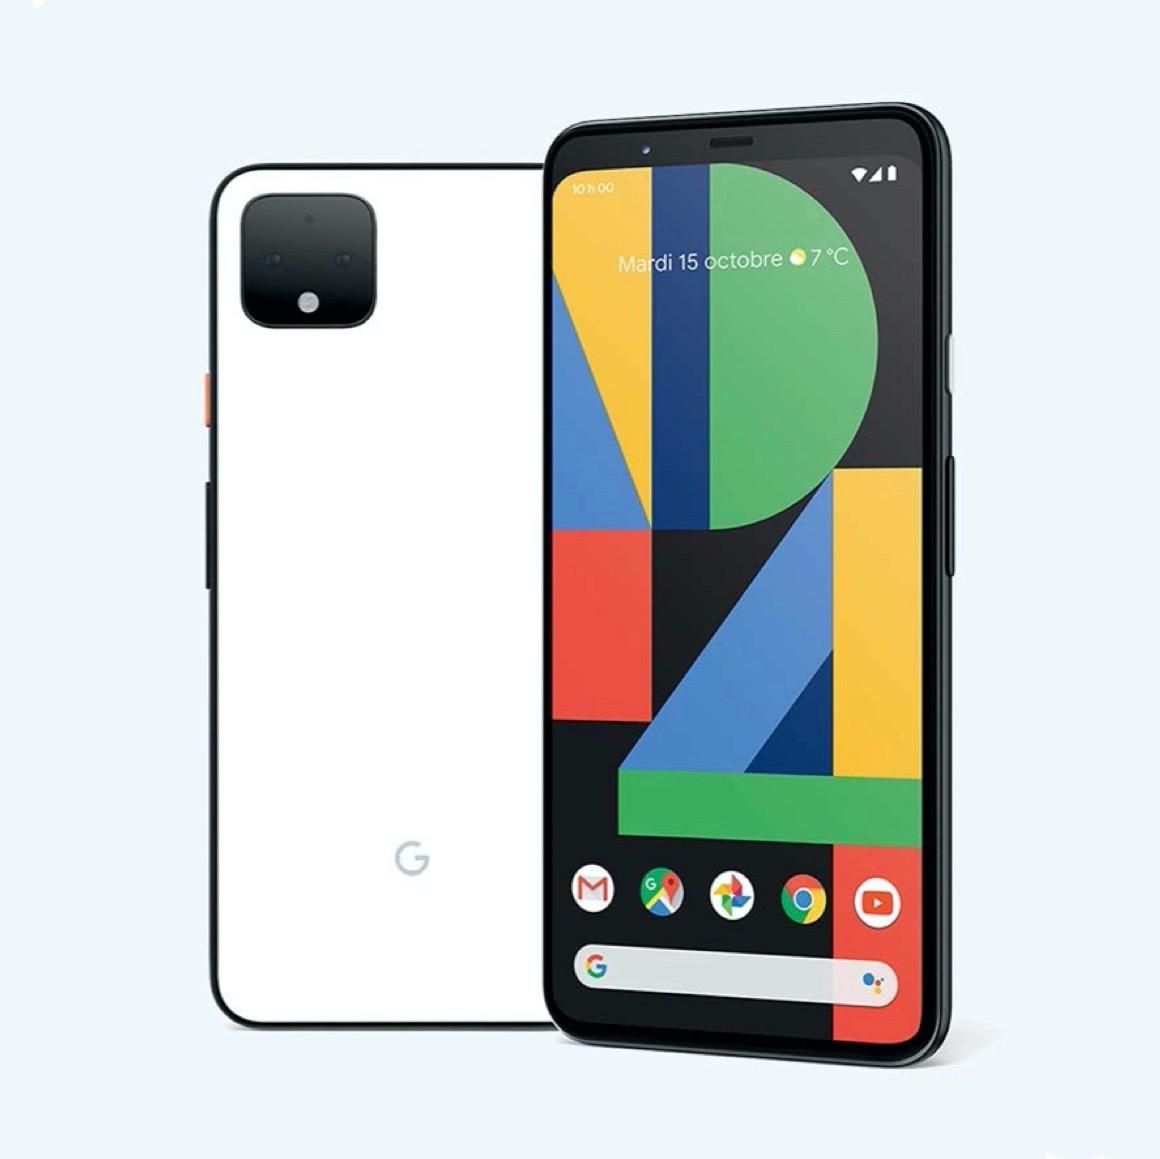 Google Pixel 4 für 4,99€ Zuzahlung im Vodafone Smart L+ (10GB / 15GB LTE) für 36,99€ / Monat